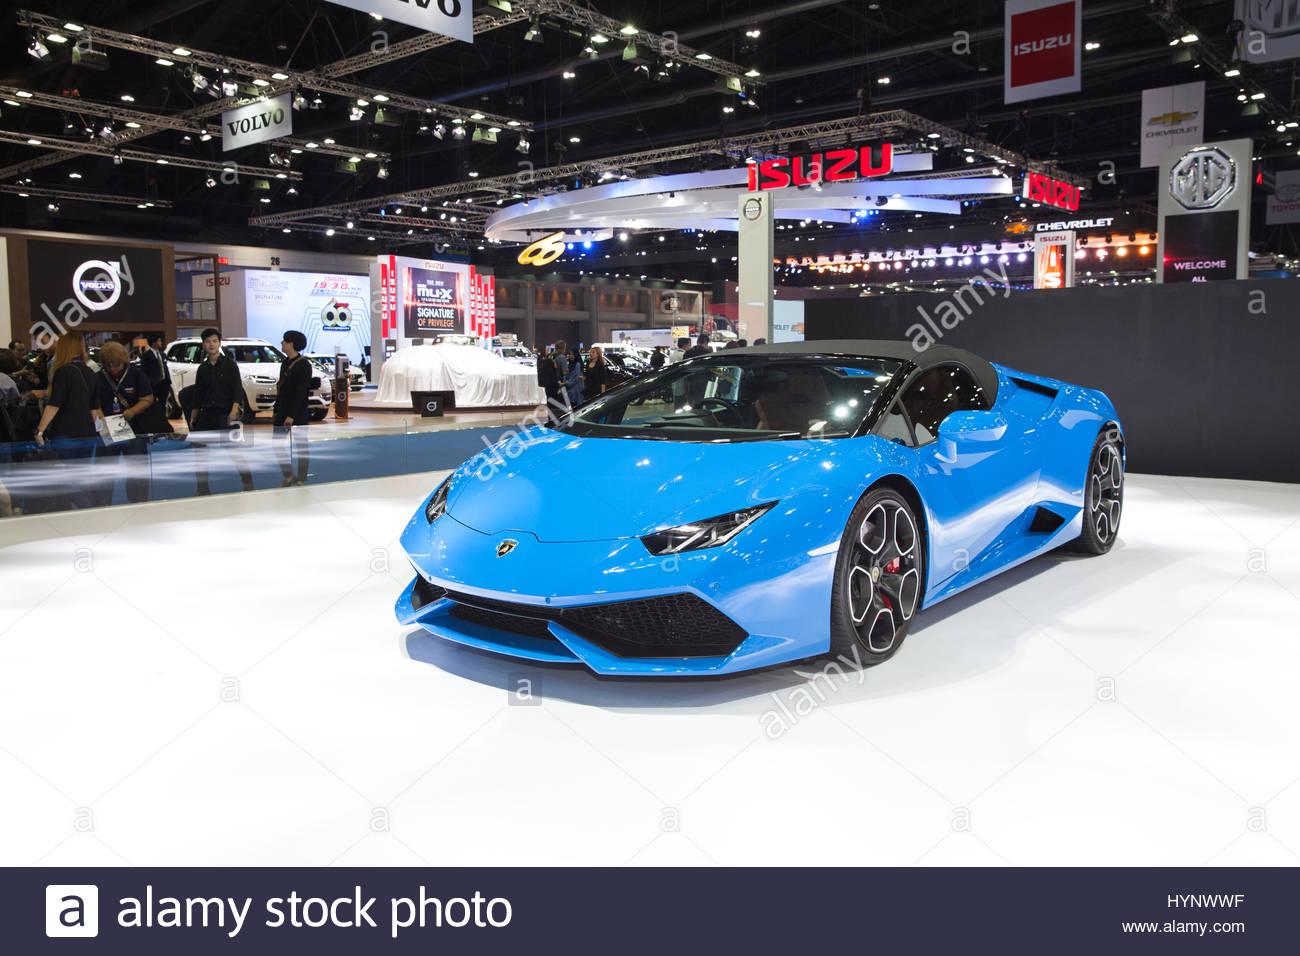 Lamborghini Car On Display Thailand Stock Photos Lamborghini Car